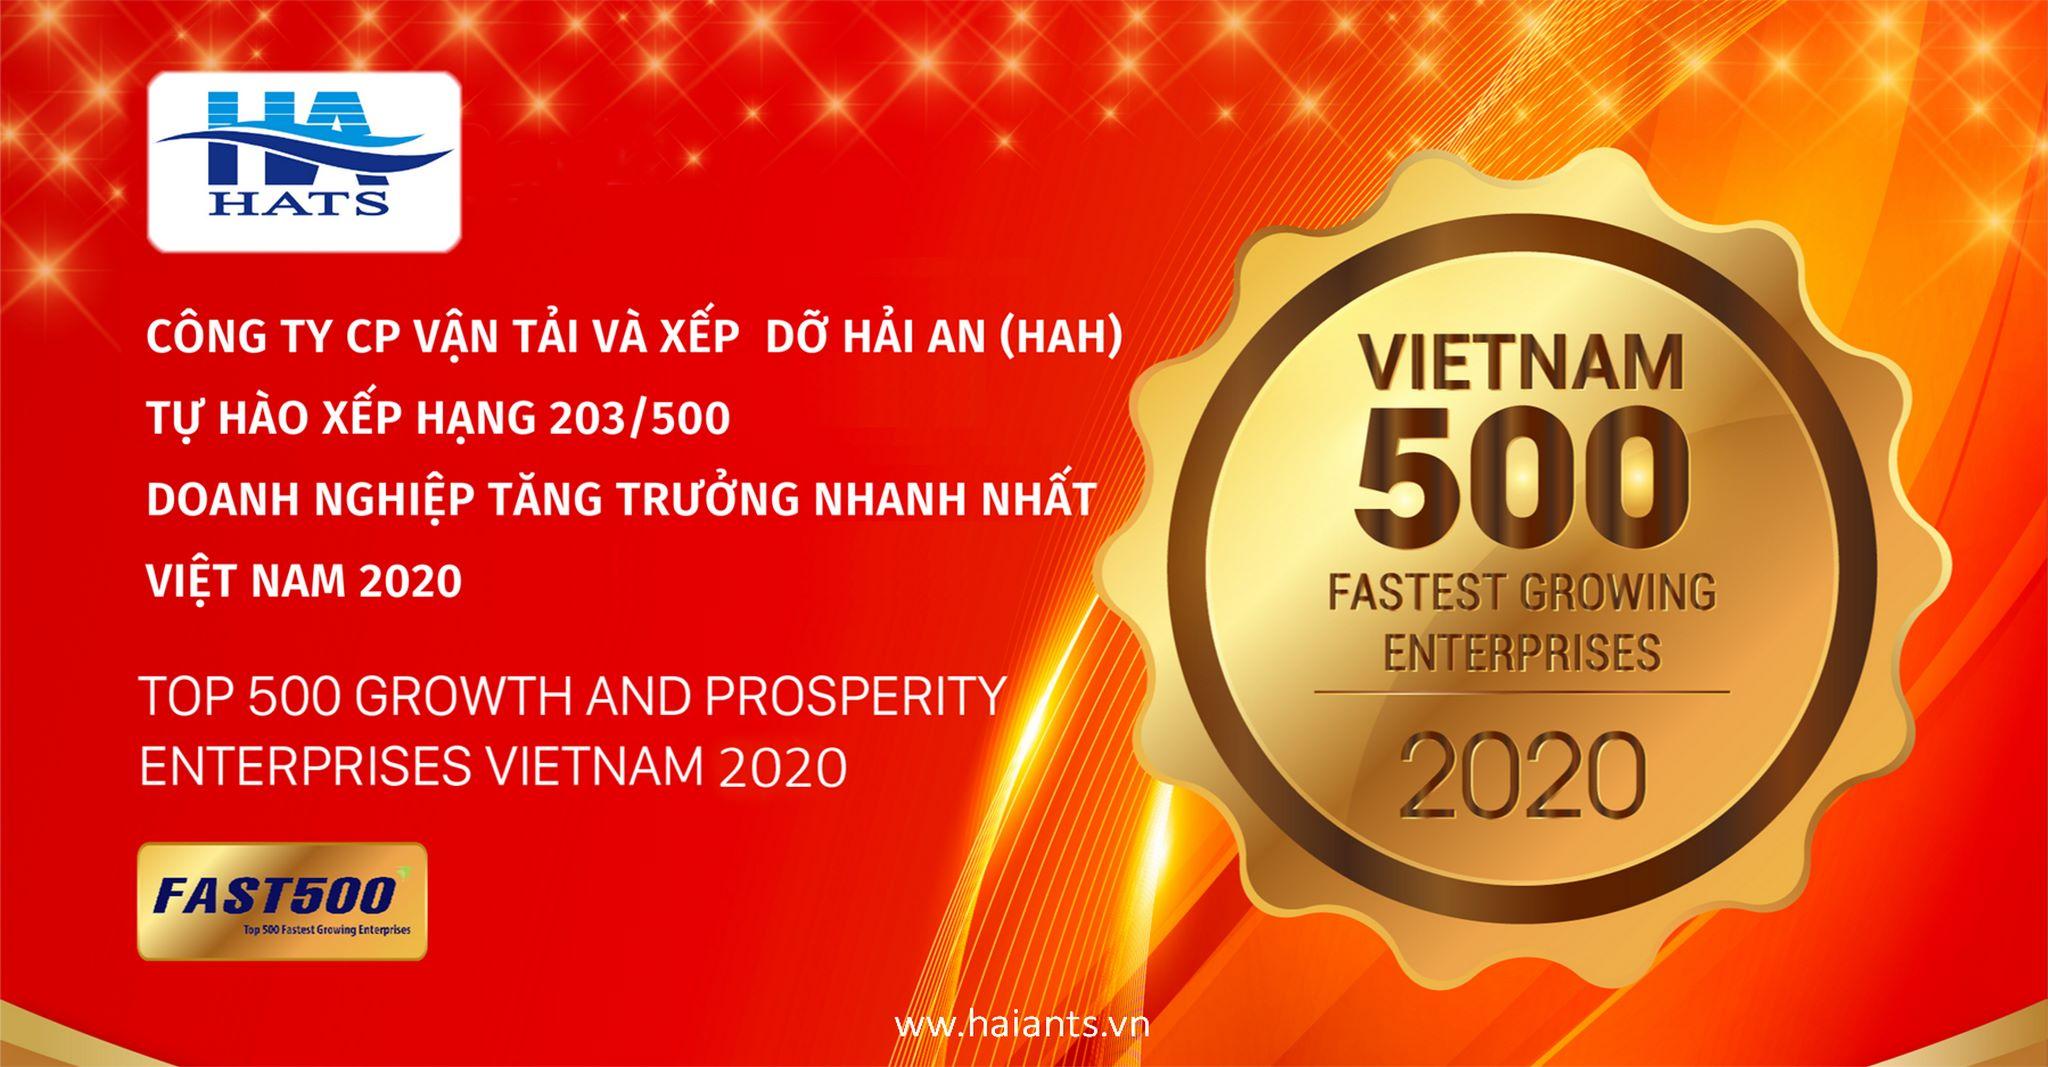 Công ty CP Vận tải và Xếp dỡ Hải An (HAH) thăng hạng vượt bậc trong top 500 Doanh nghiệp tăng trưởng nhanh nhất Việt Nam năm 2020 - FAST500